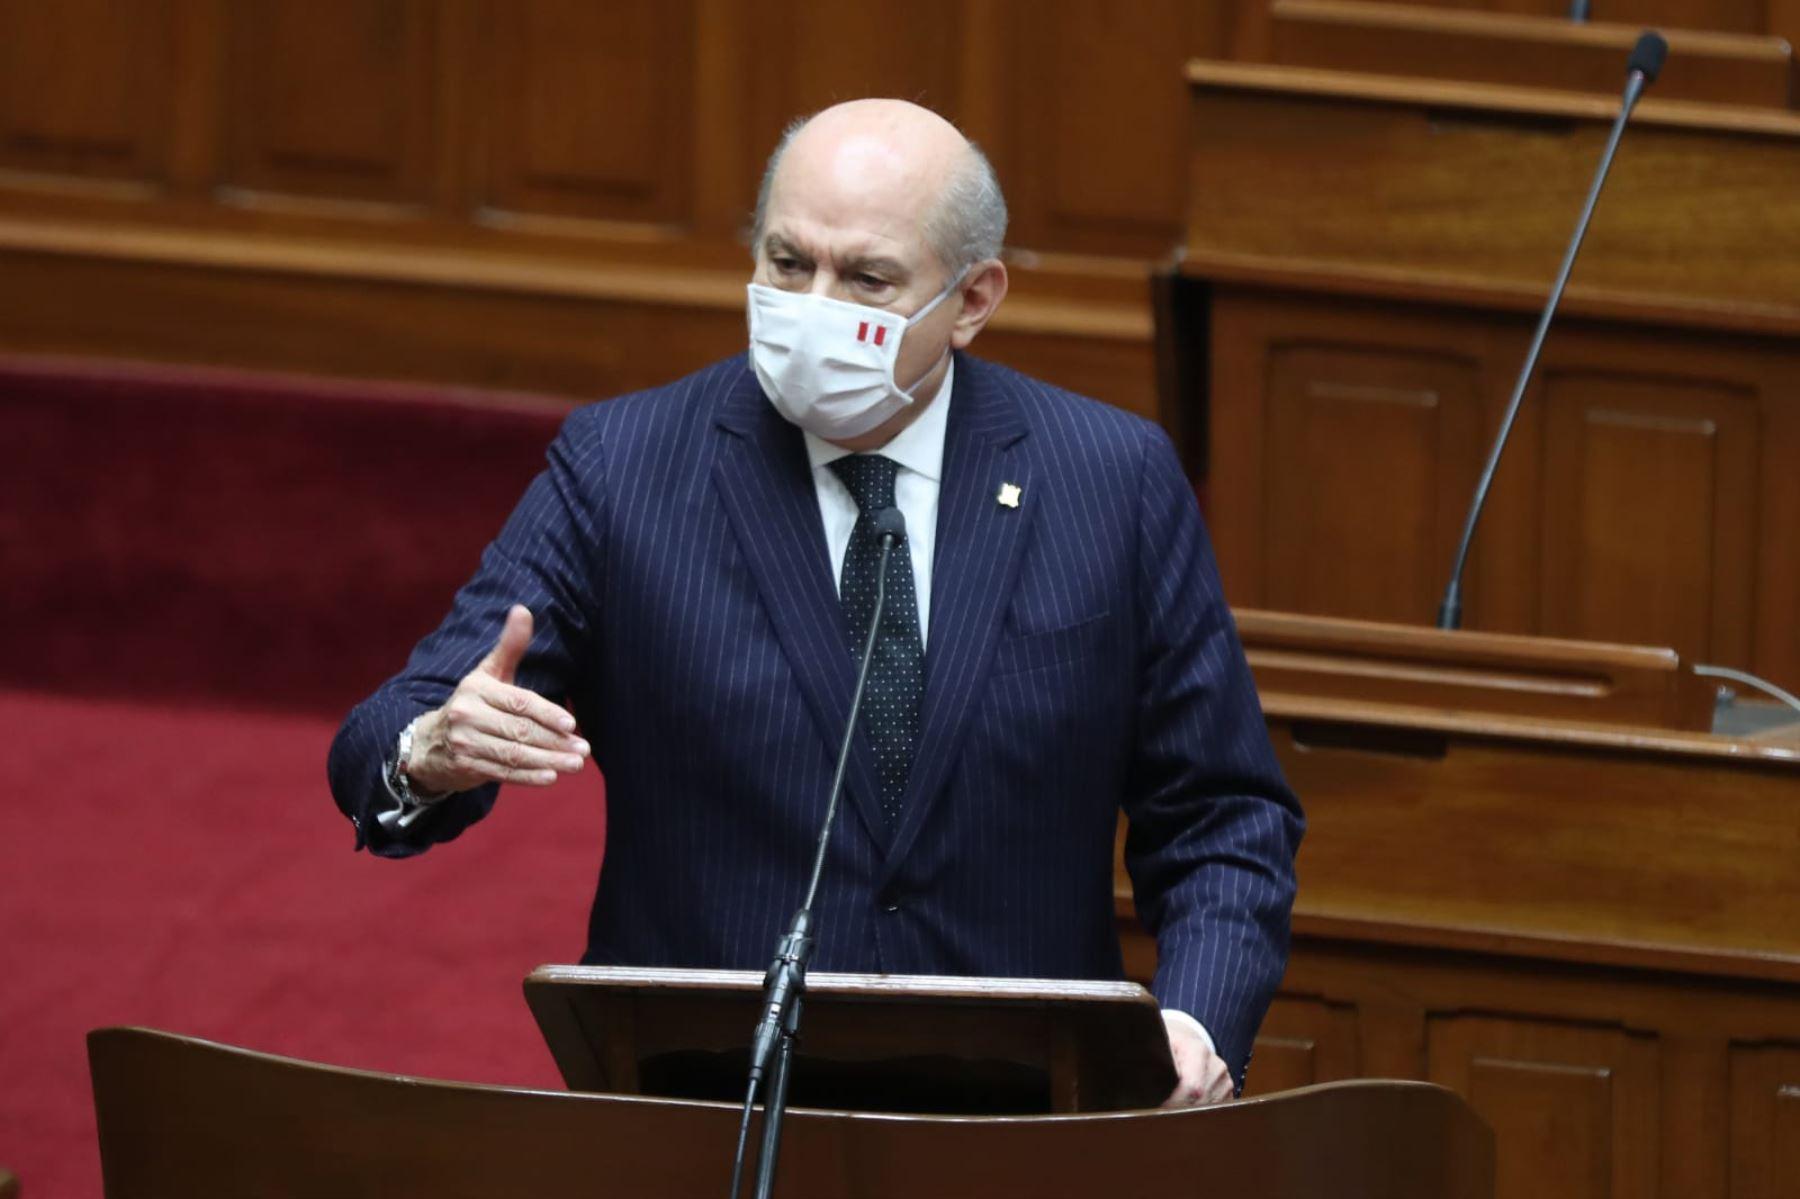 La elección fallida: el discurso del caído premier Cateriano sobre la seguridad ciudadana